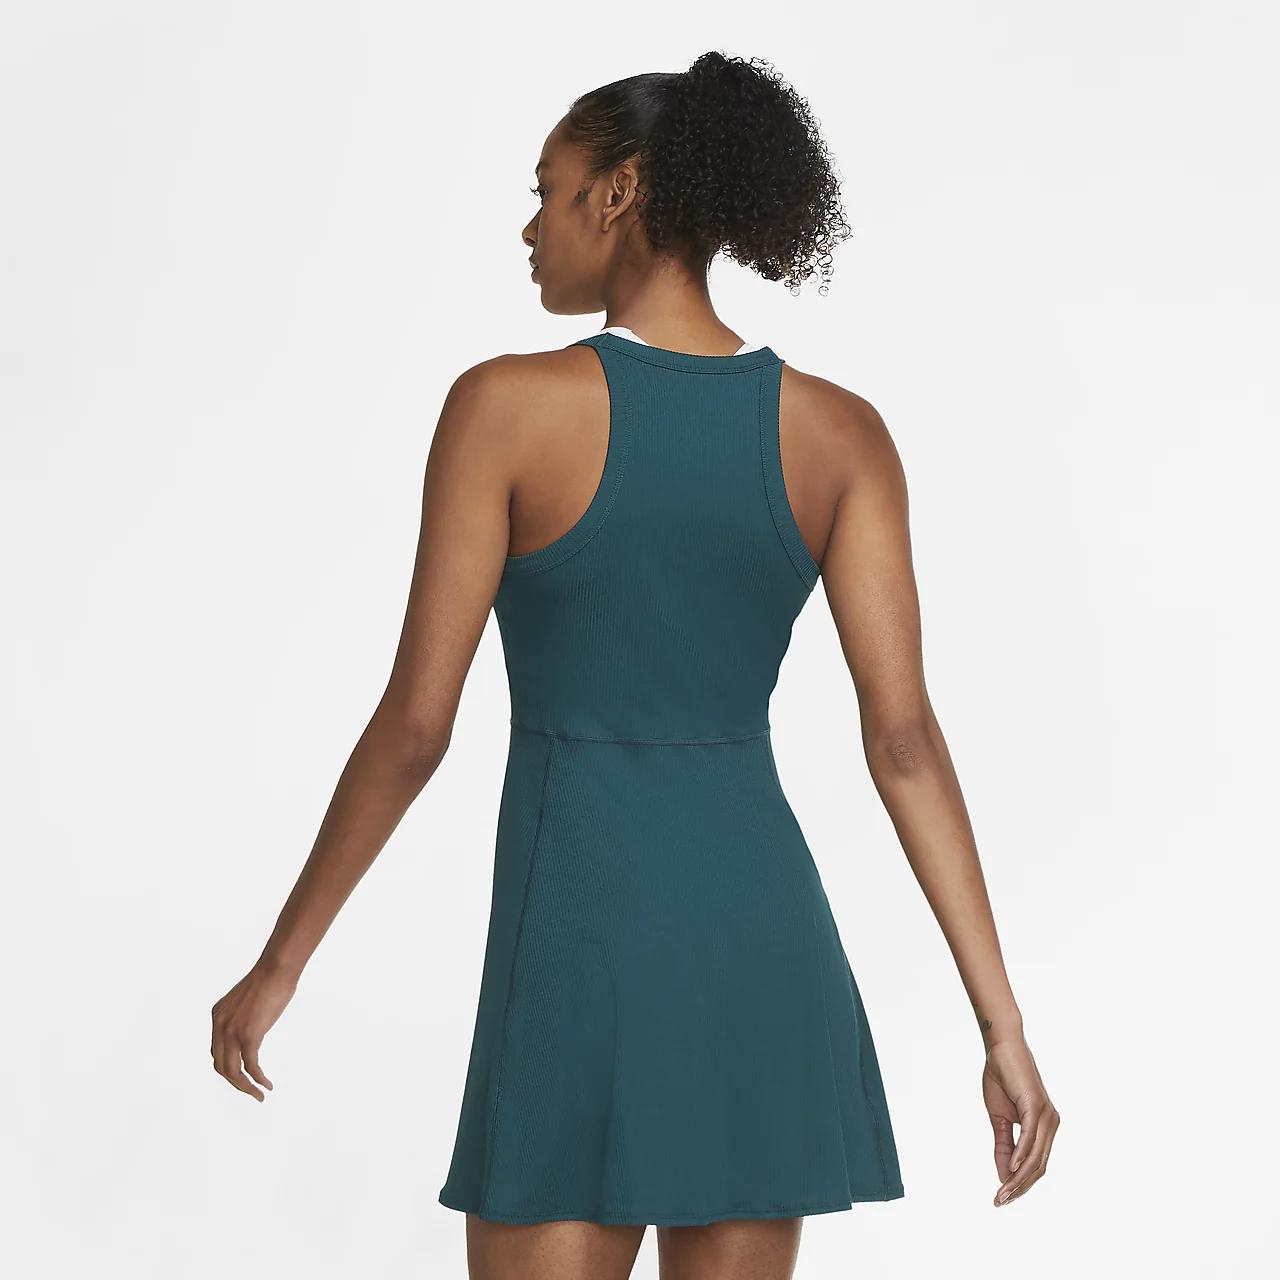 NikeCourt Dri-FIT Women's Tennis Dress AV0724-300